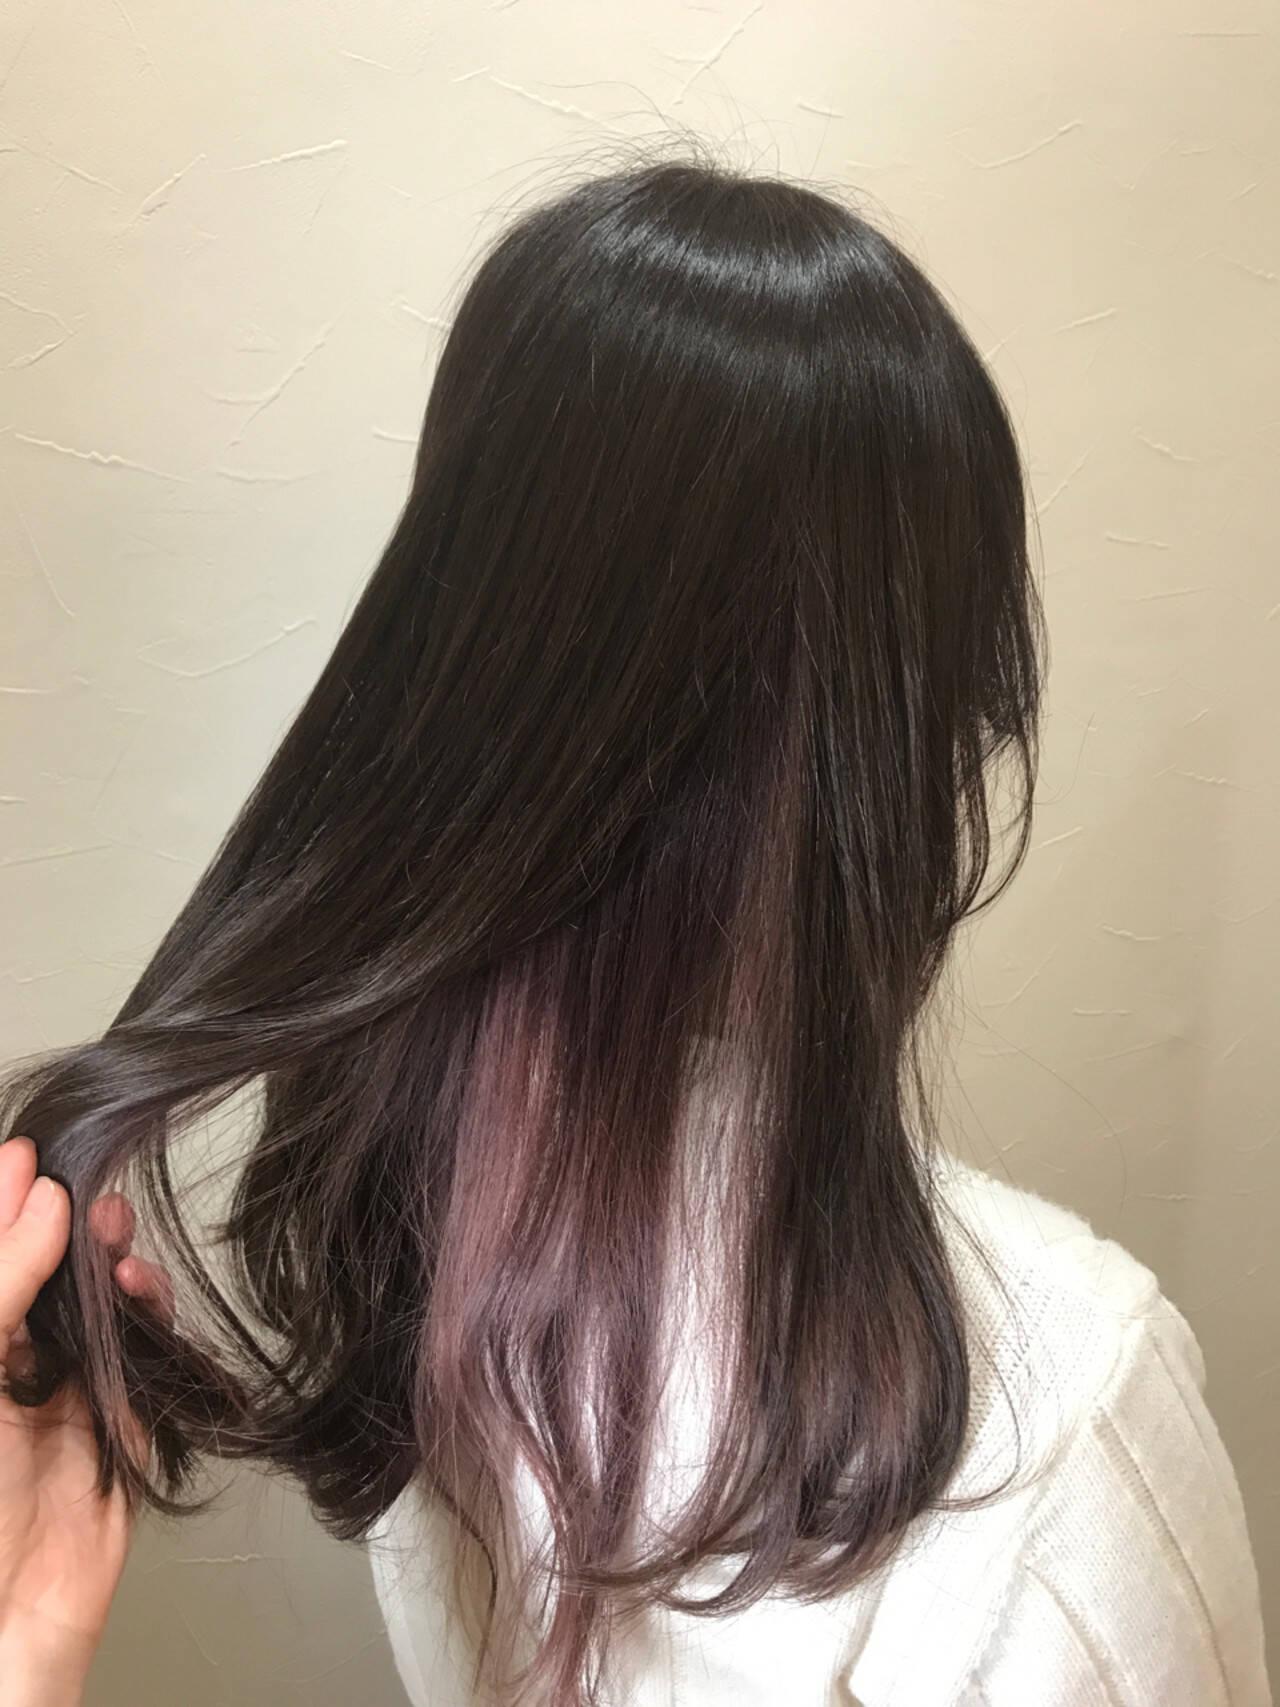 ロング パープル ストリート ラベンダーアッシュヘアスタイルや髪型の写真・画像